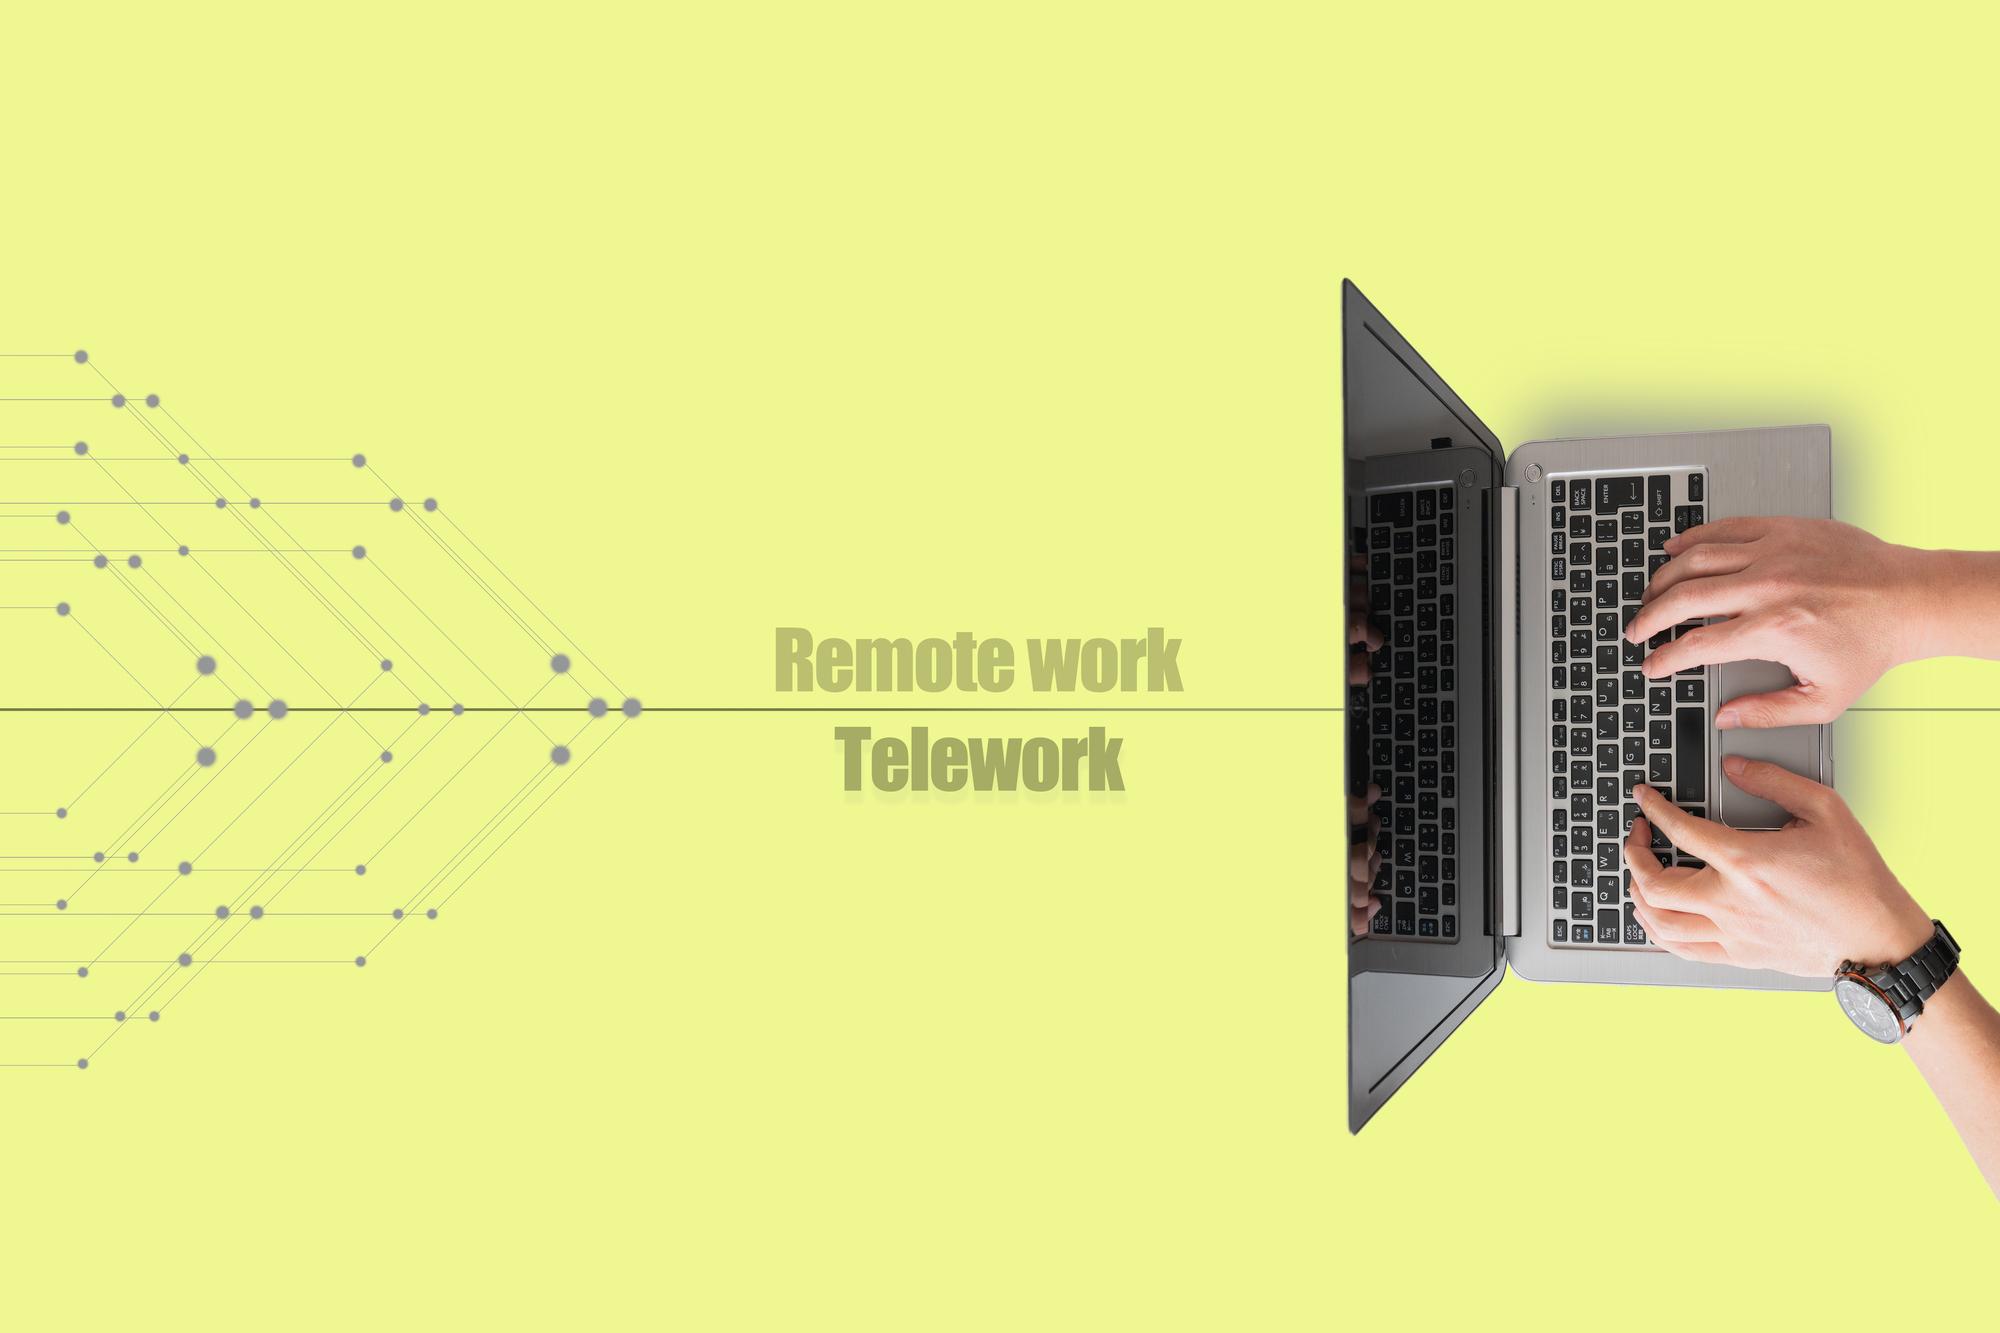 テレワーク導入における課題と解決のポイントを解説!成功事例も紹介